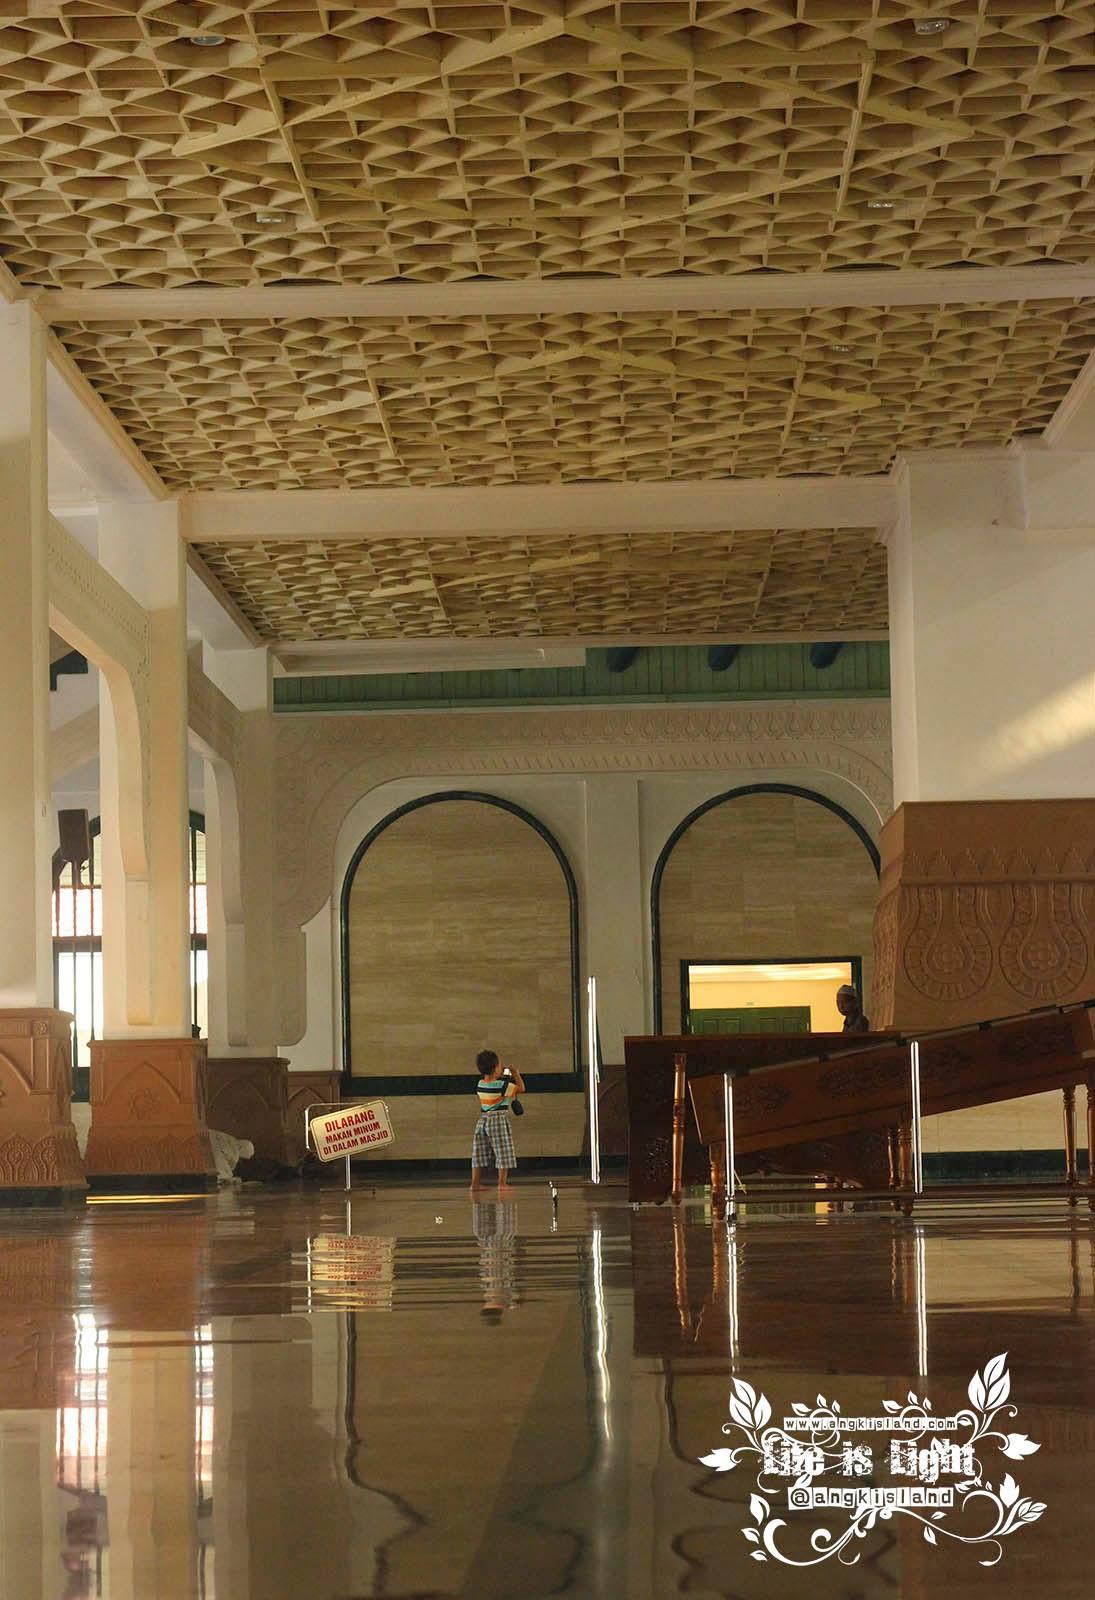 lantai Masjid Agung Jawa Tengah